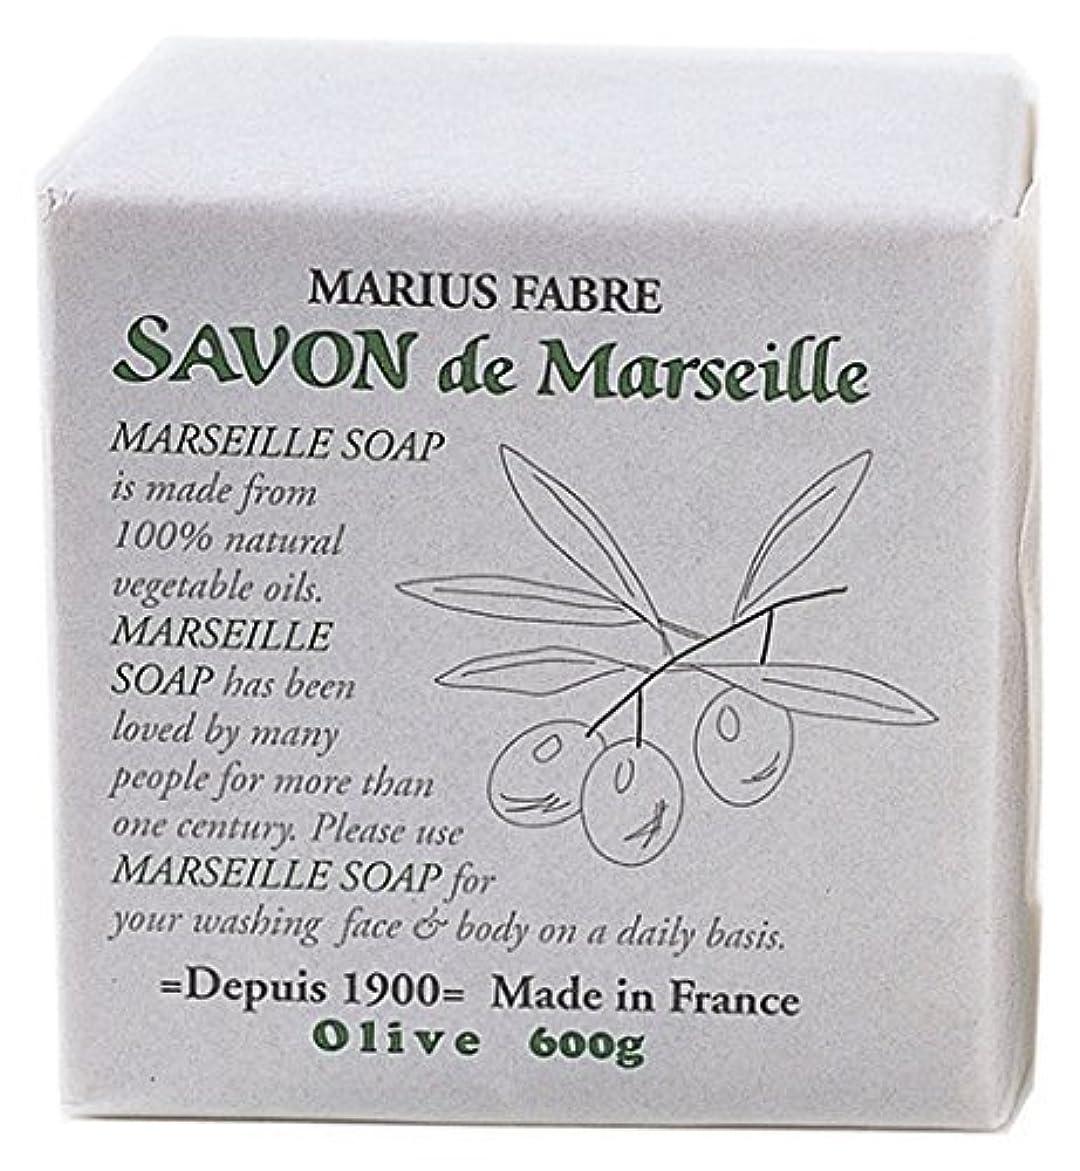 保安測定サイレンサボンドマルセイユ オリーブソープ 600g 無香料タイプ